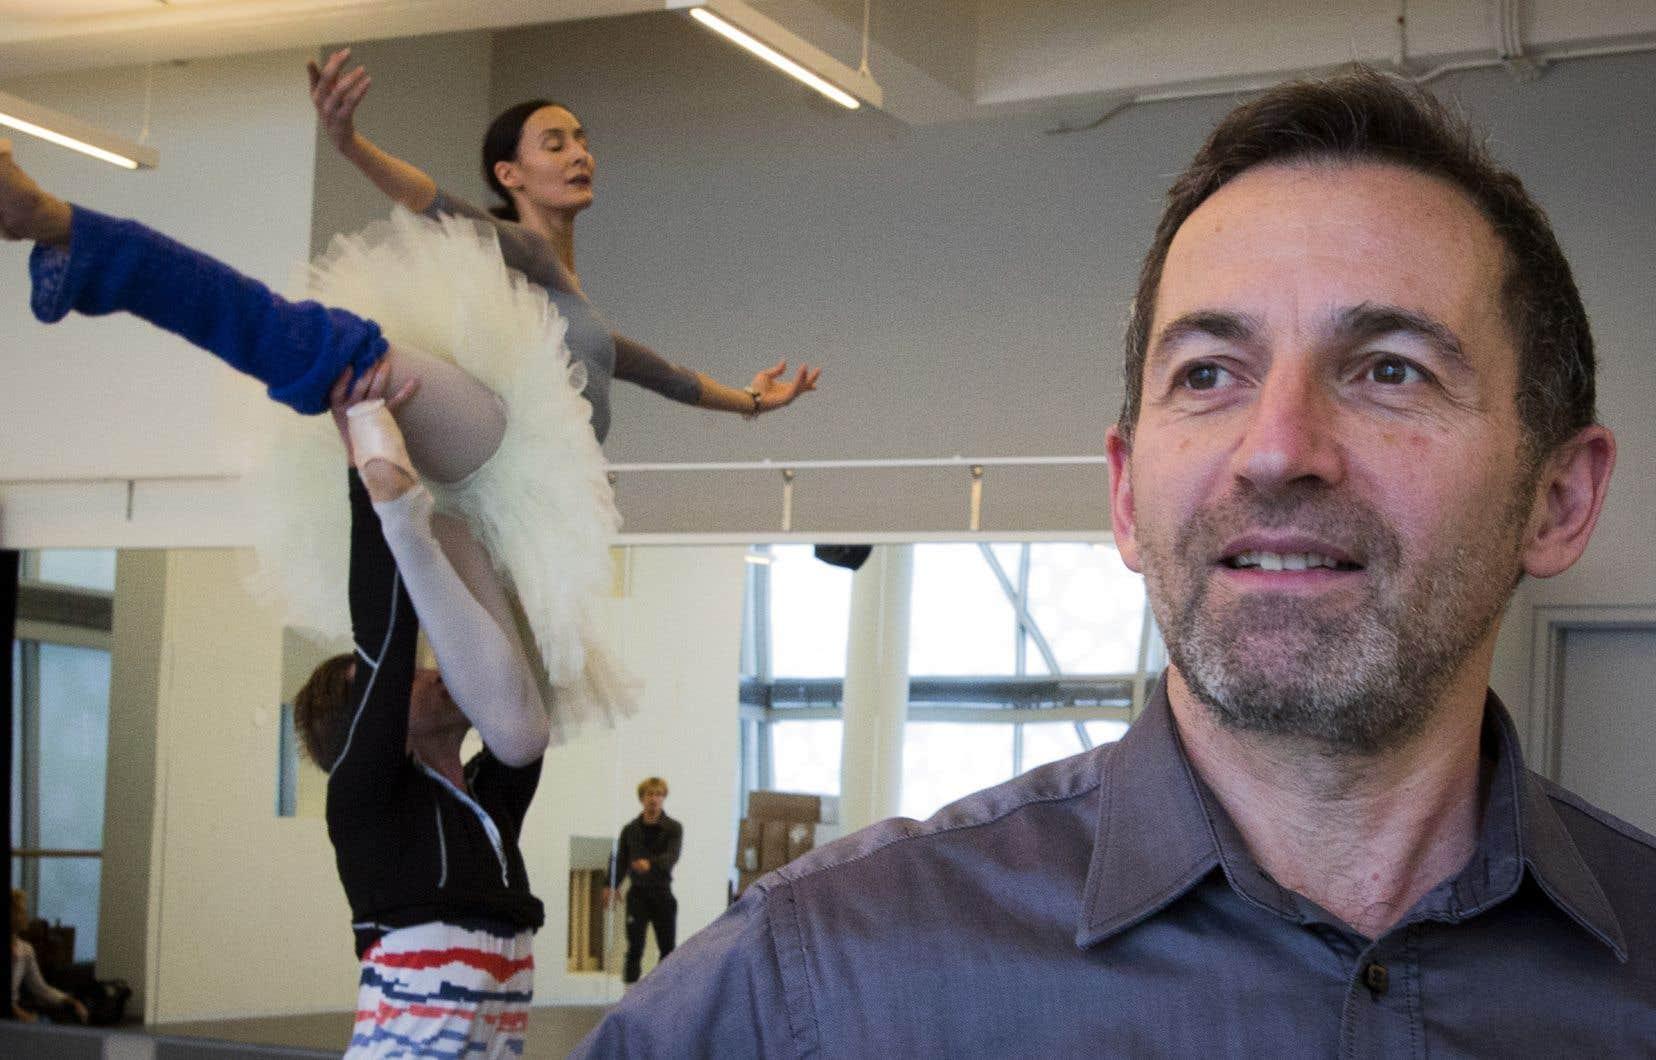 La marque d'Alain Dancyger, qui a travaillé pendant deux décennies aux Grands Ballets canadiens, sera peut-être d'avoir pensé autrement le développement philanthropique.